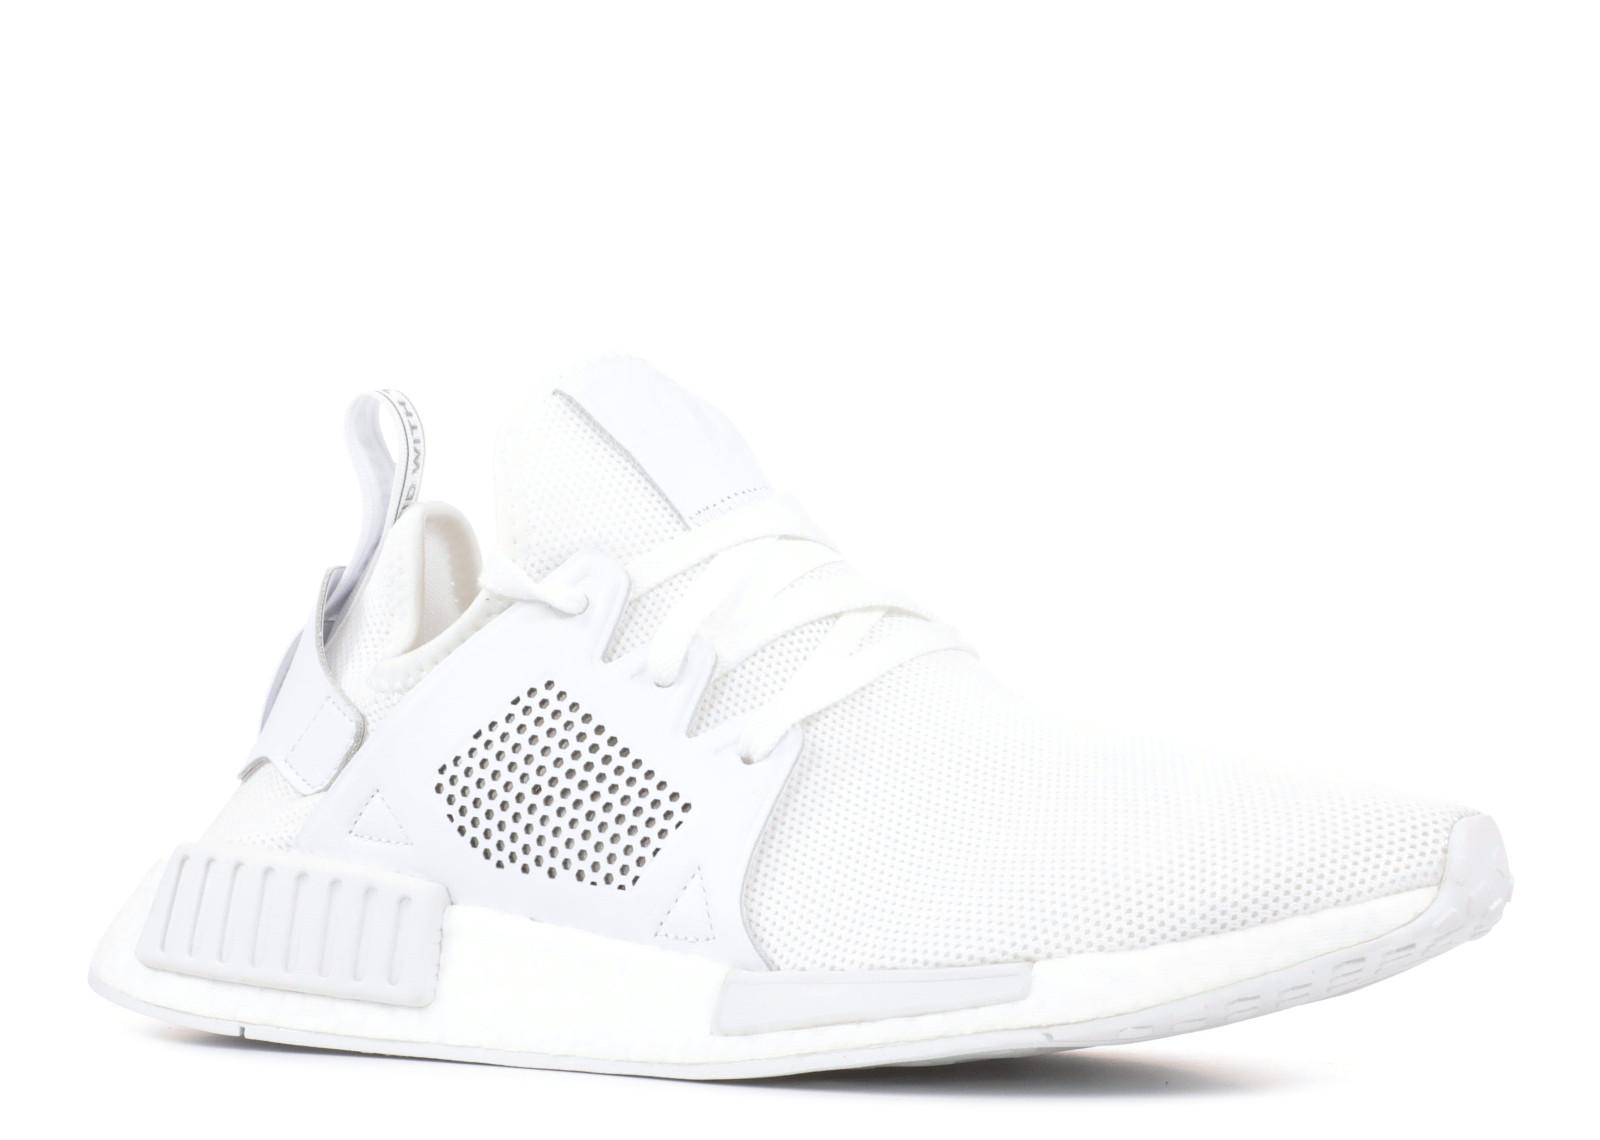 3dda15ef352aa adidas NMD XR1 Triple White (2017) - 1